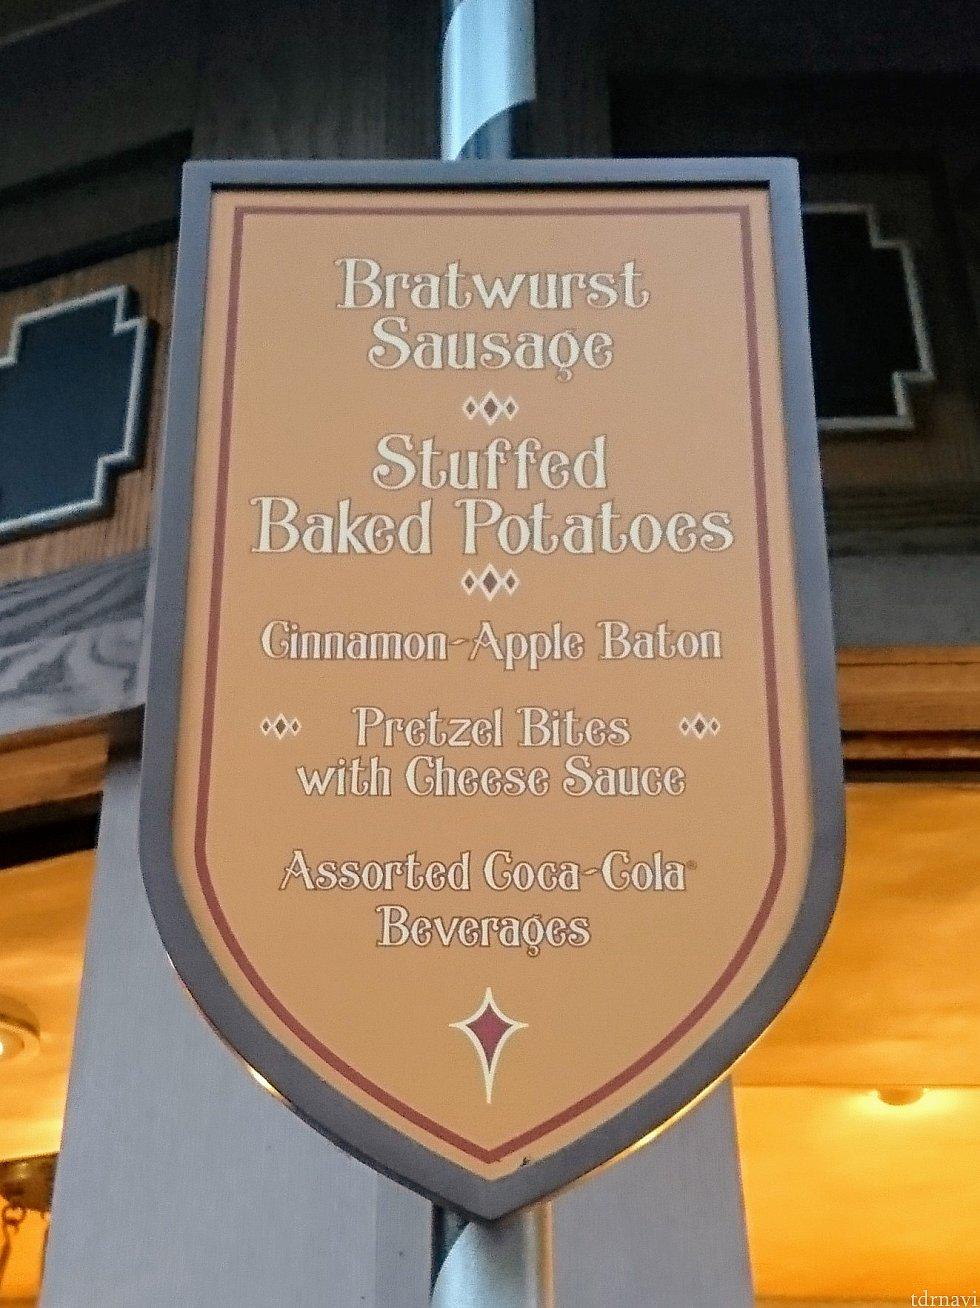 ベイクドポテトを食べている人のを覗いてみたら、とっても美味しそうでした😂